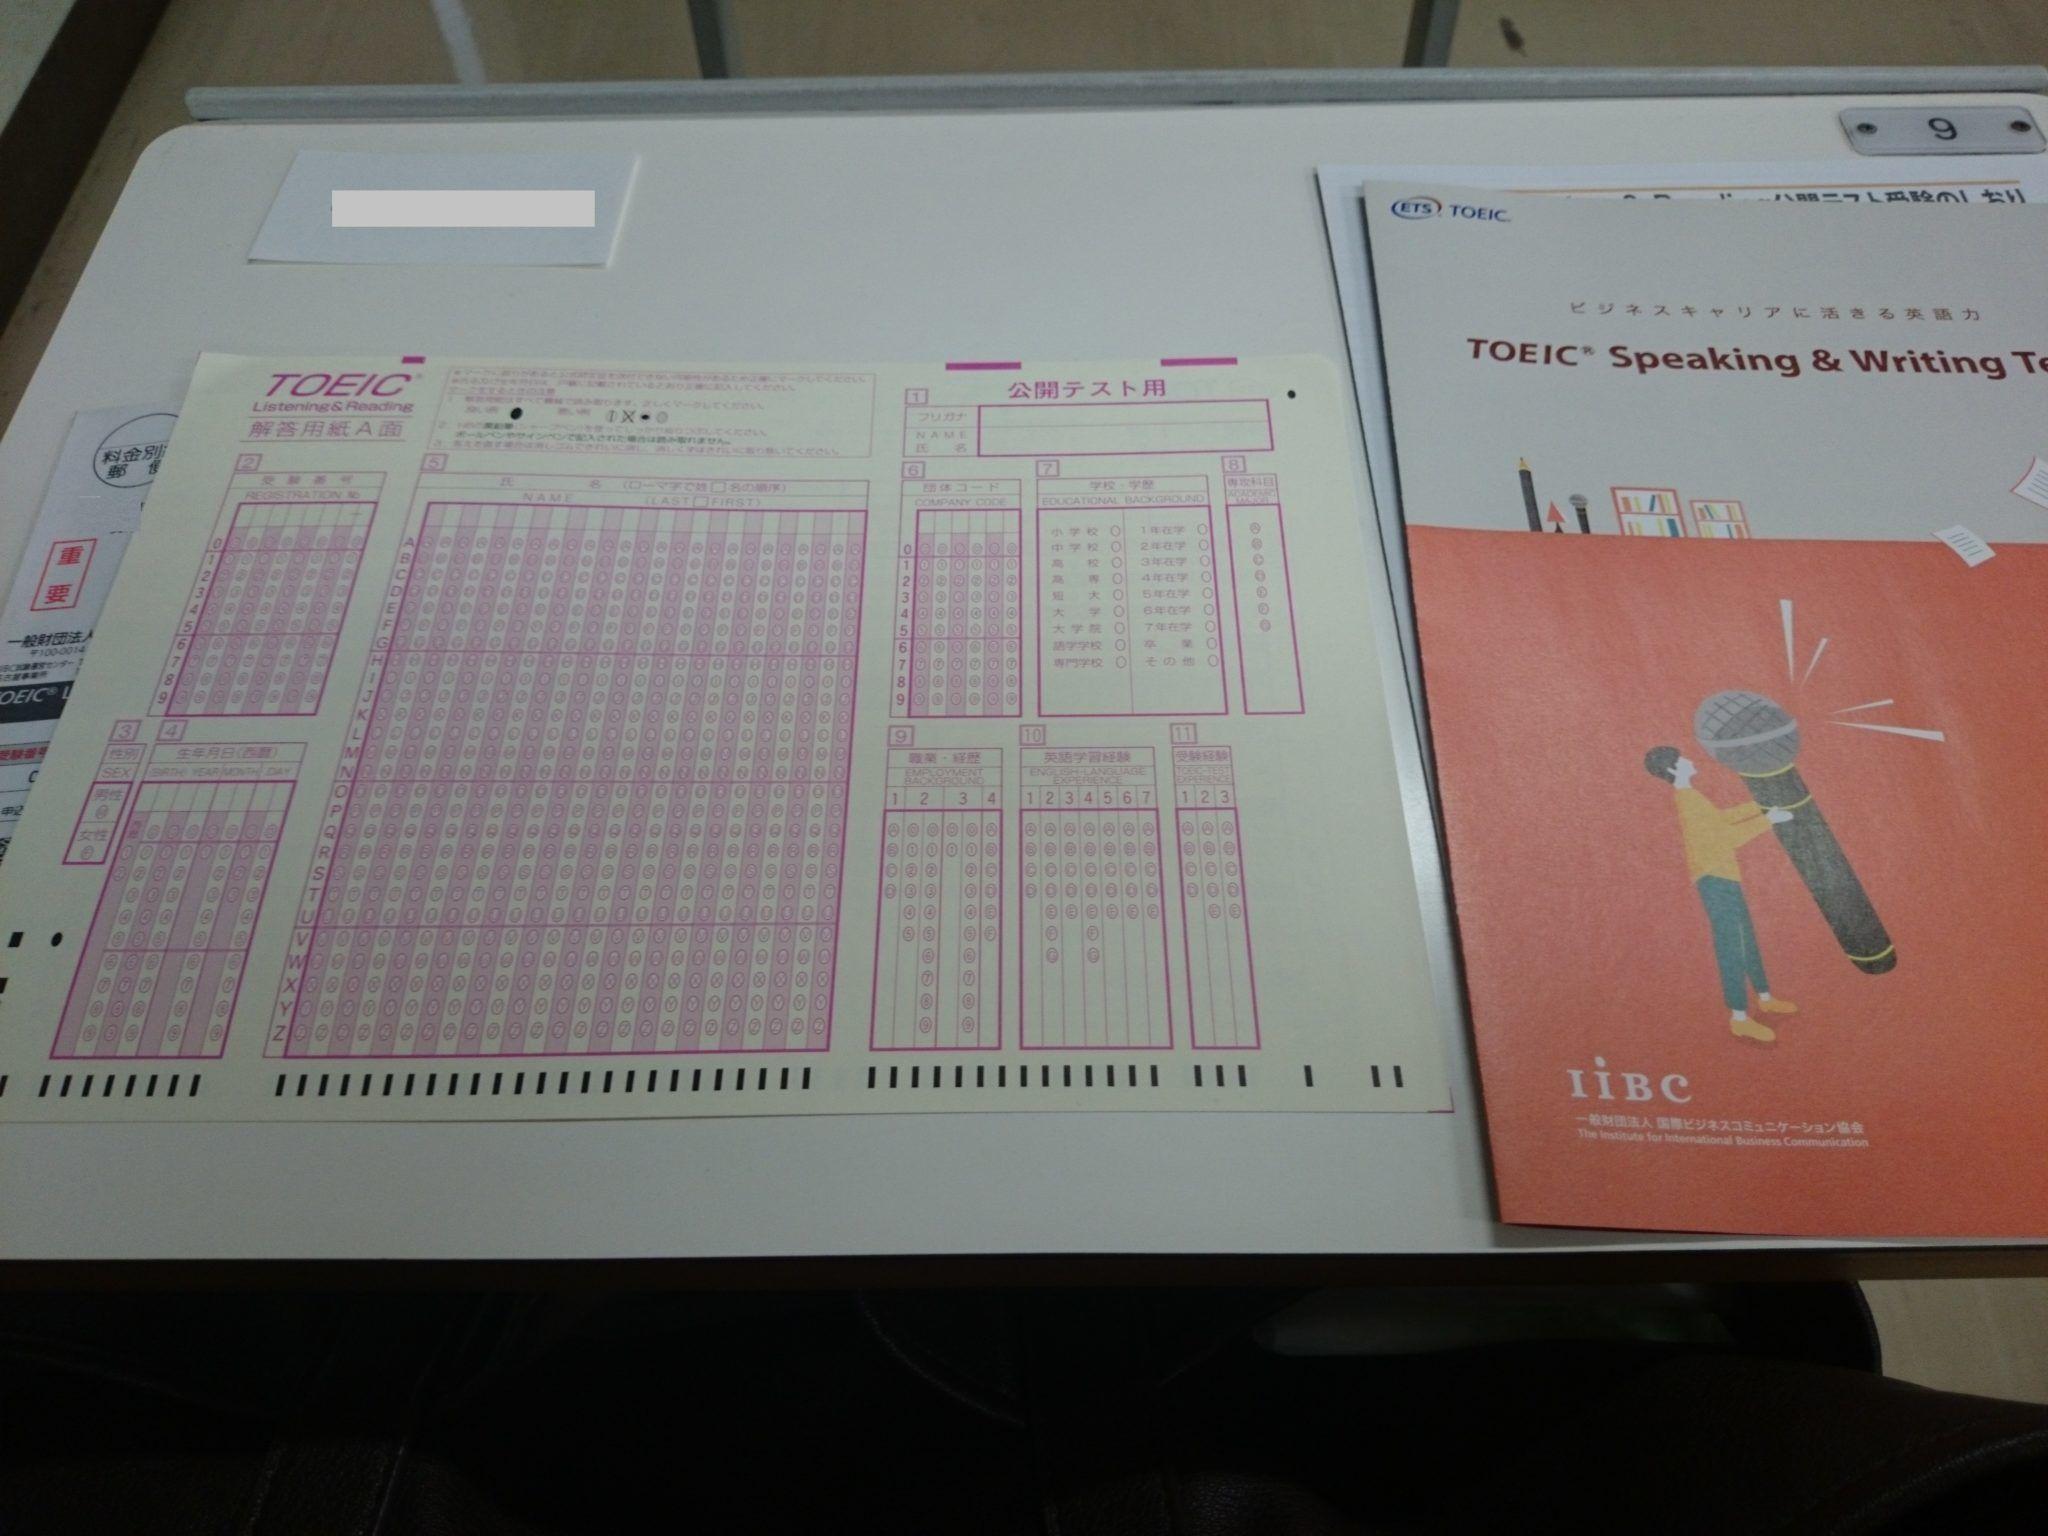 TOEIC会場の机においてあった冊子など